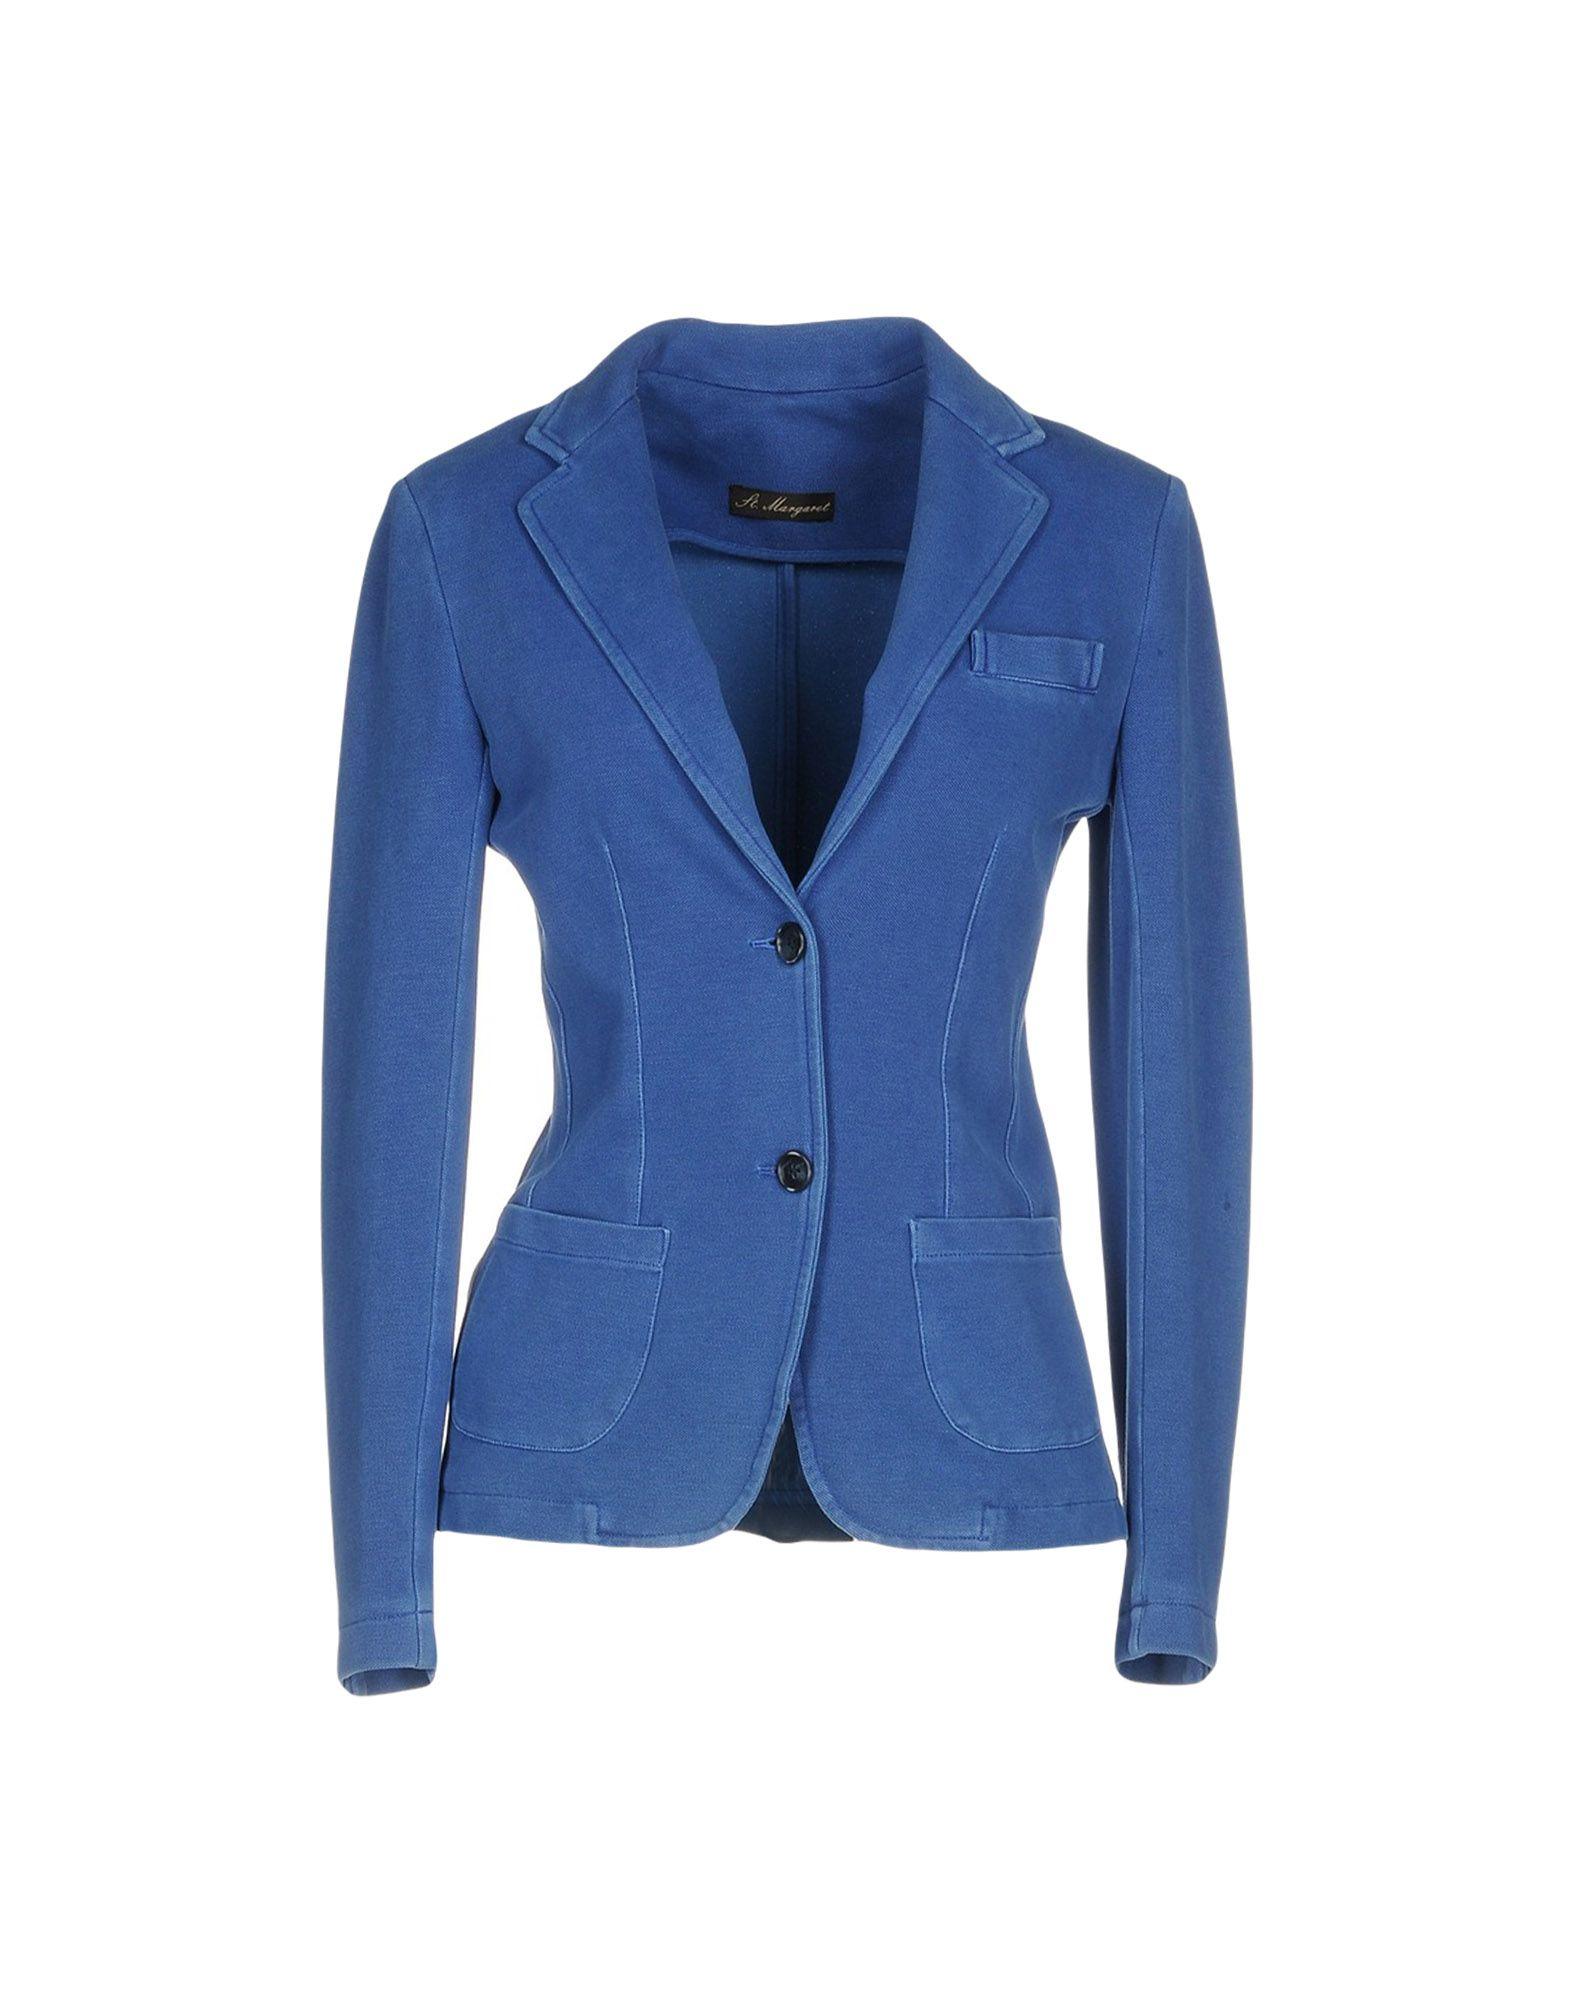 《送料無料》ST. MARGARET レディース テーラードジャケット ブルー 42 コットン 100%